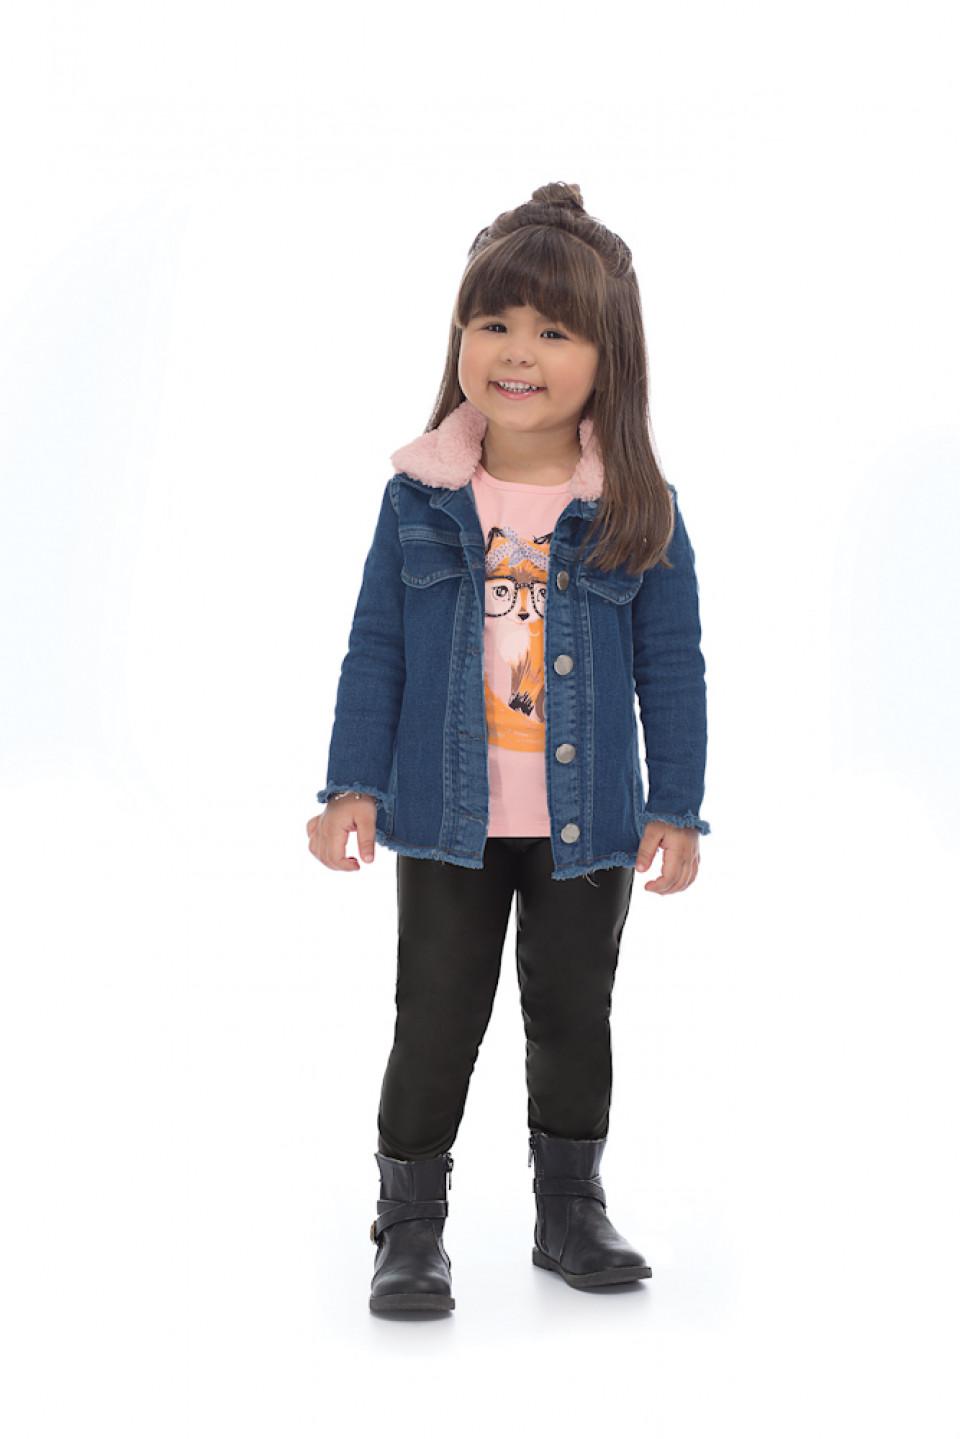 f5f195c9319c4a Jaqueta Jeans com Gola Pelo Removível - Up Baby